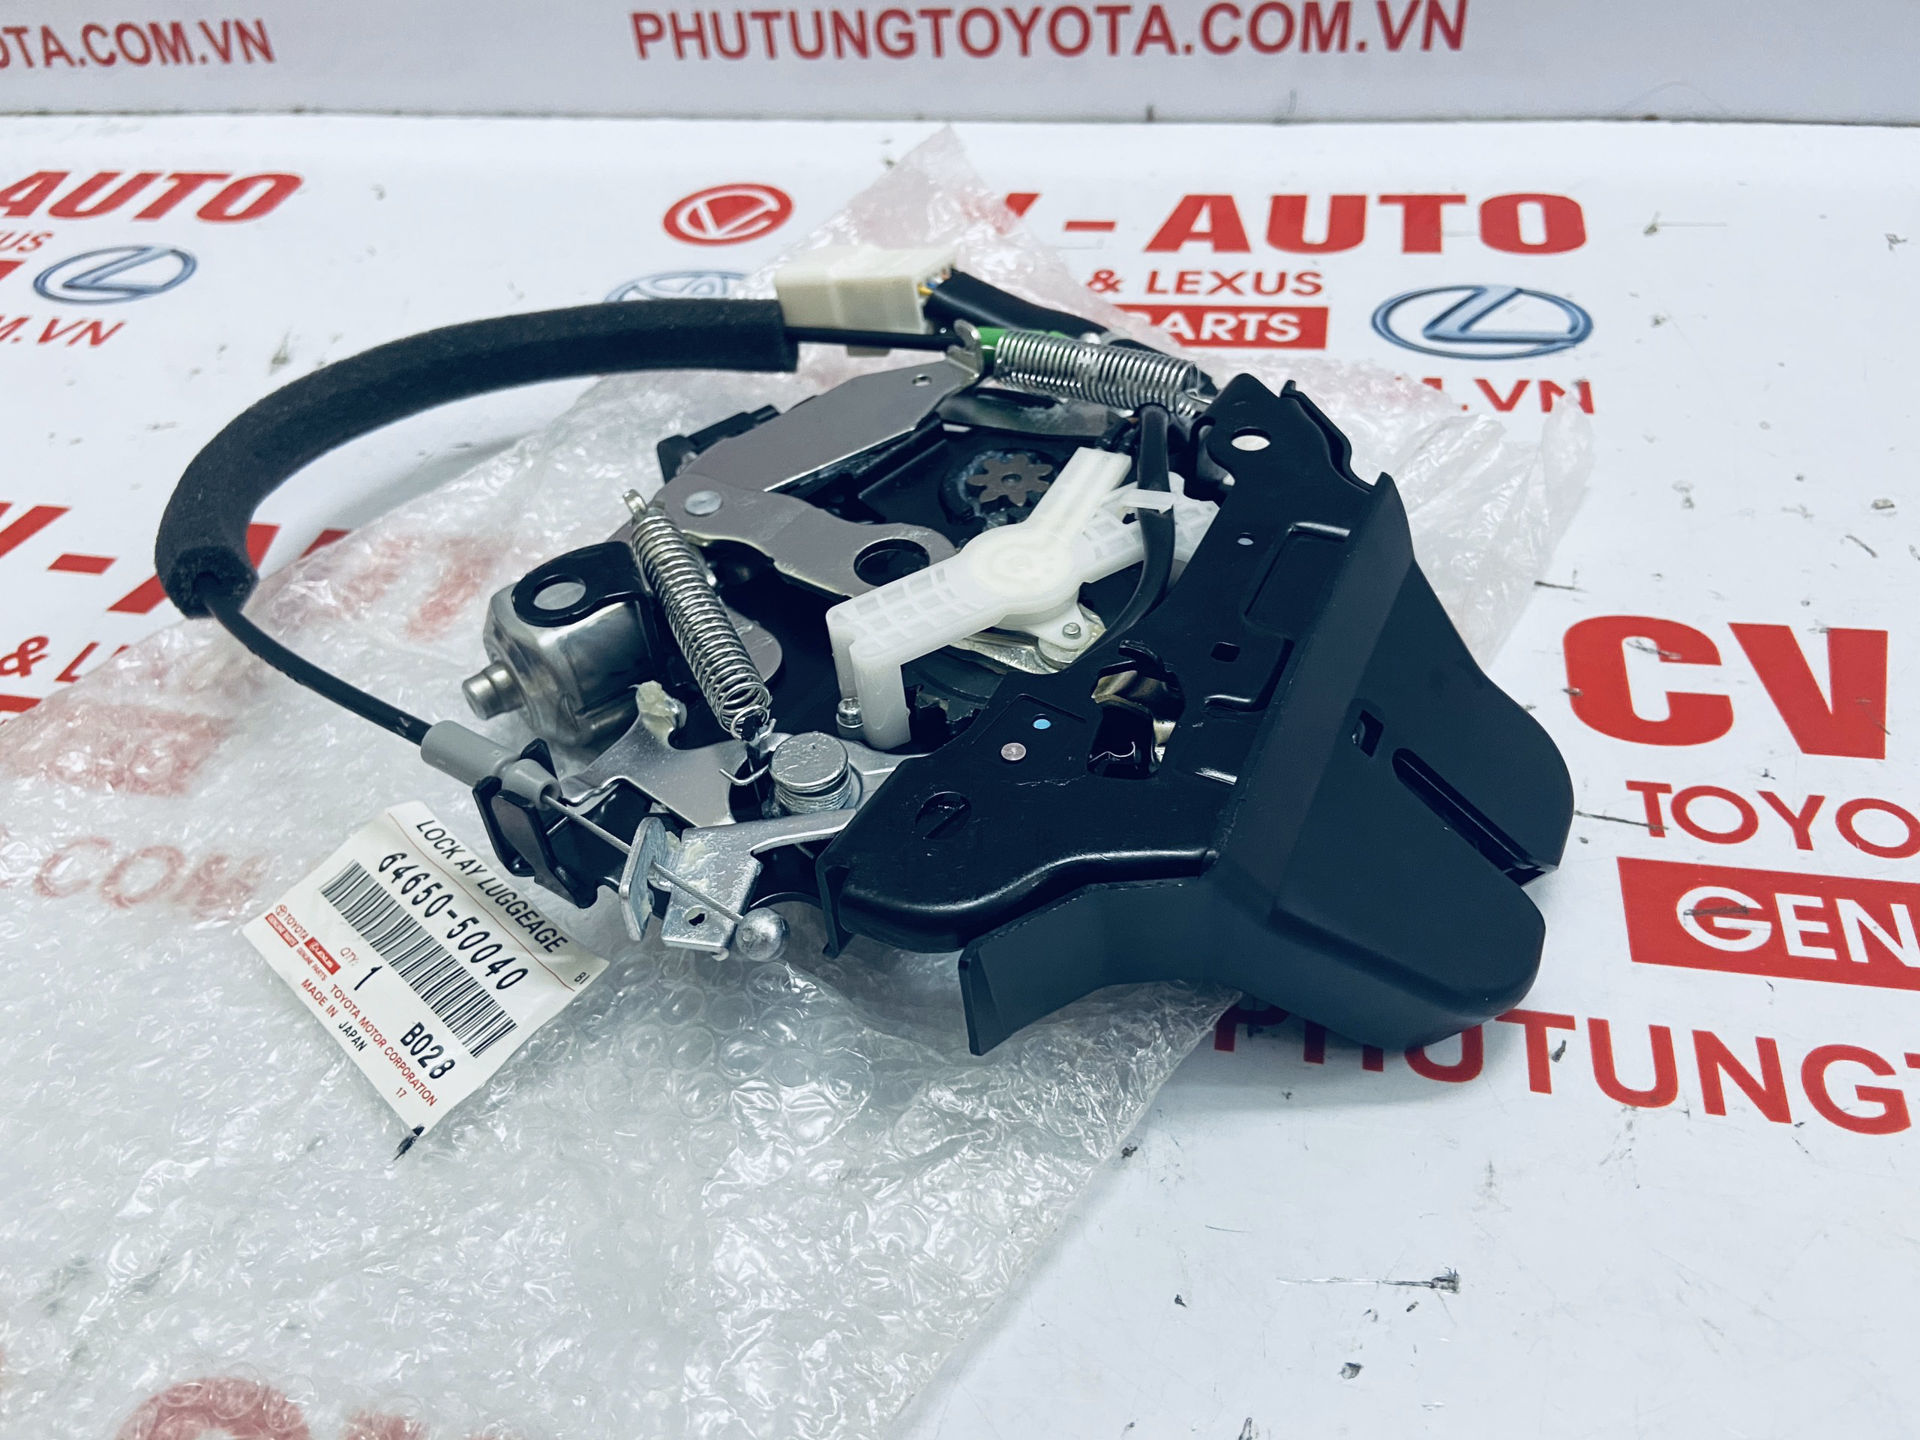 Picture of 64650-50040 Mô tơ khóa cốp Lexus LS460 LS600H chính hãng